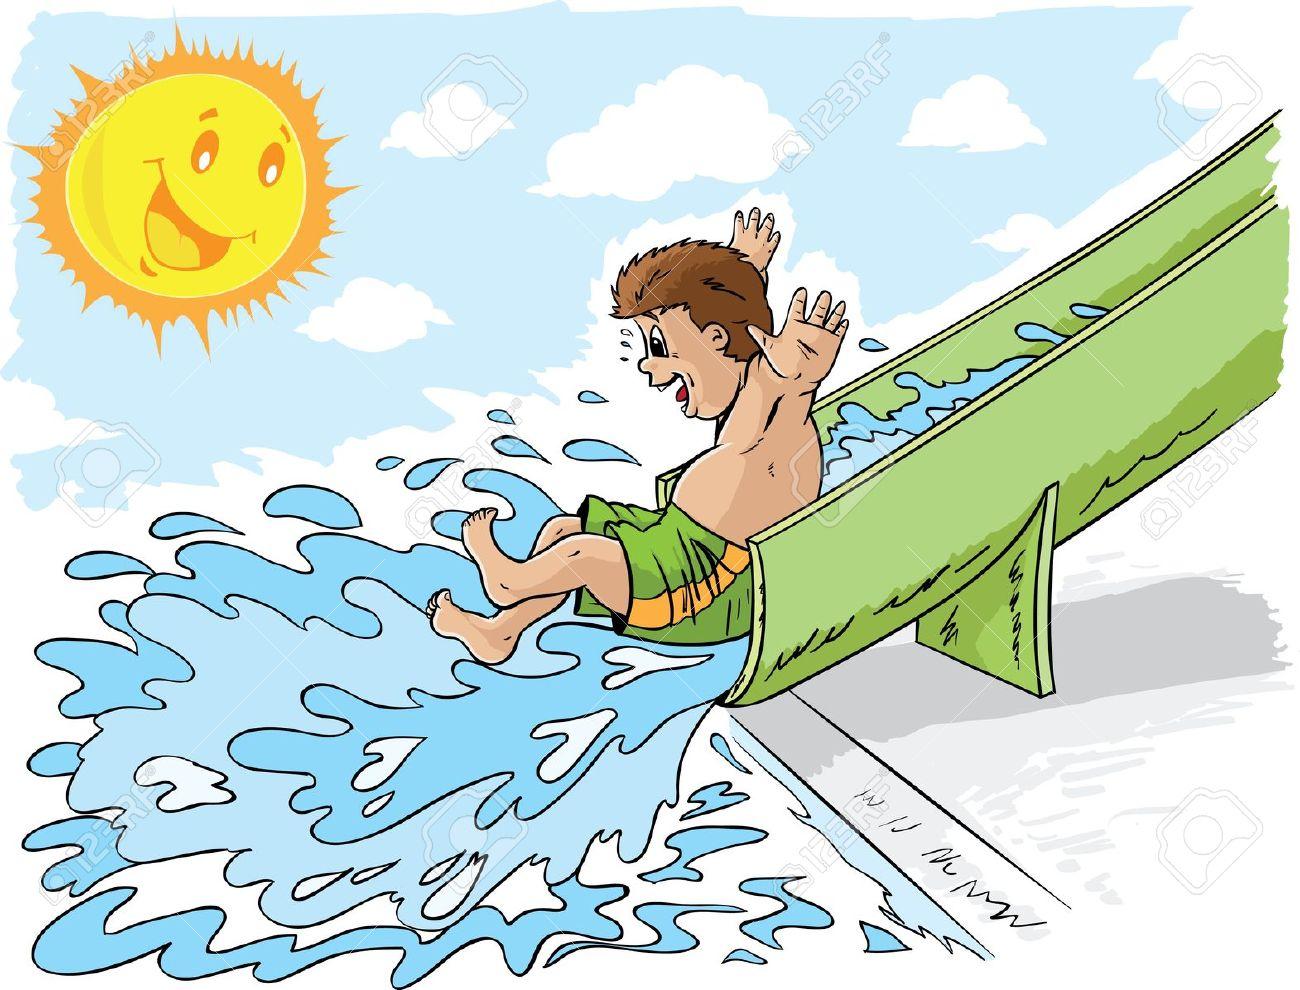 water slide: Boy on waterslide .-water slide: Boy on waterslide .-10